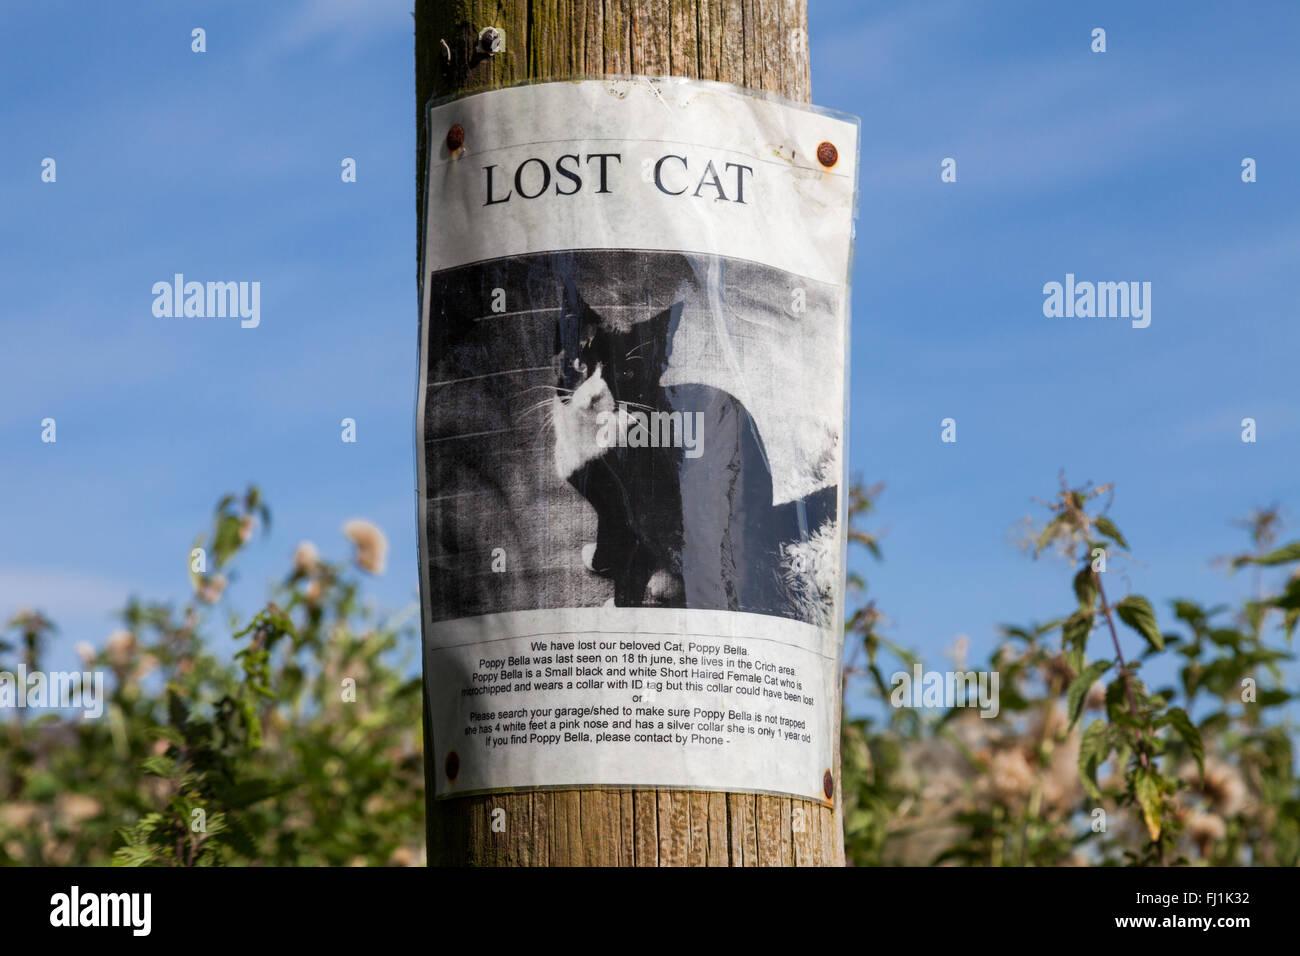 Eine verlorene Katze Plakat an einen Telegrafenmast im Vereinigten Königreich Stockbild